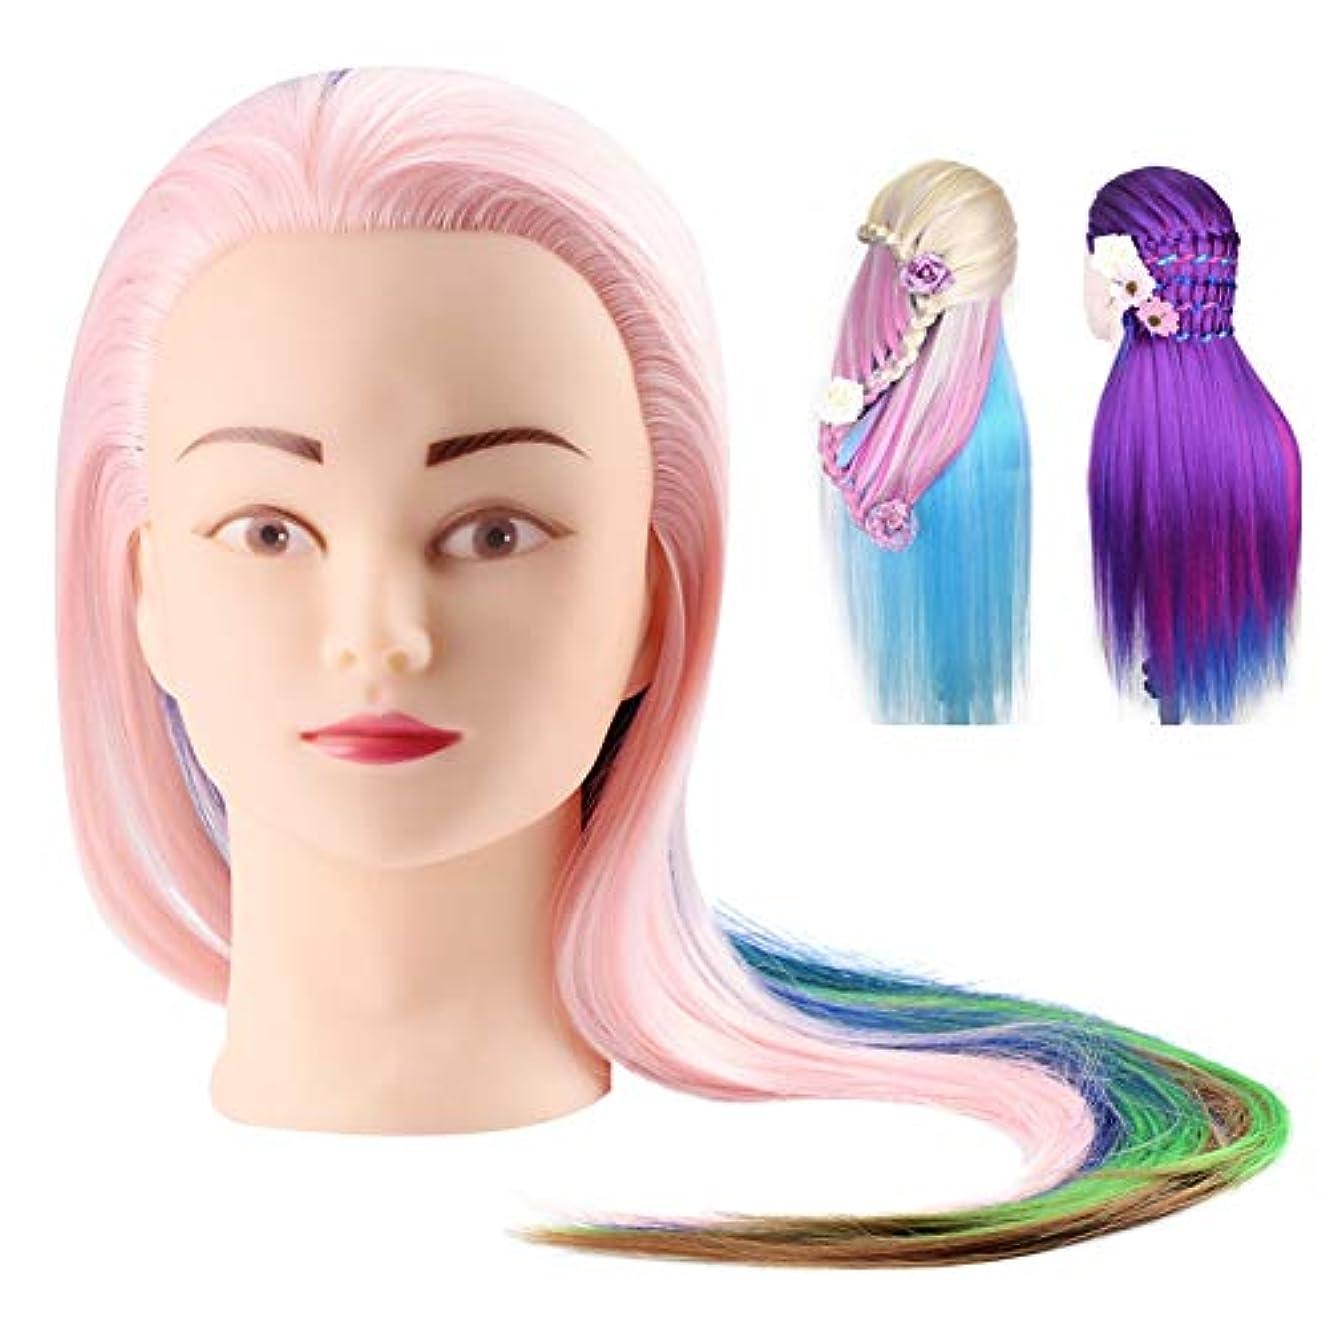 必須著名なおじさんプロの理髪ヘッド、化粧品実用的なマネキン人形人工毛、人工毛理髪トレーニングヘッドエクササイズマネキン